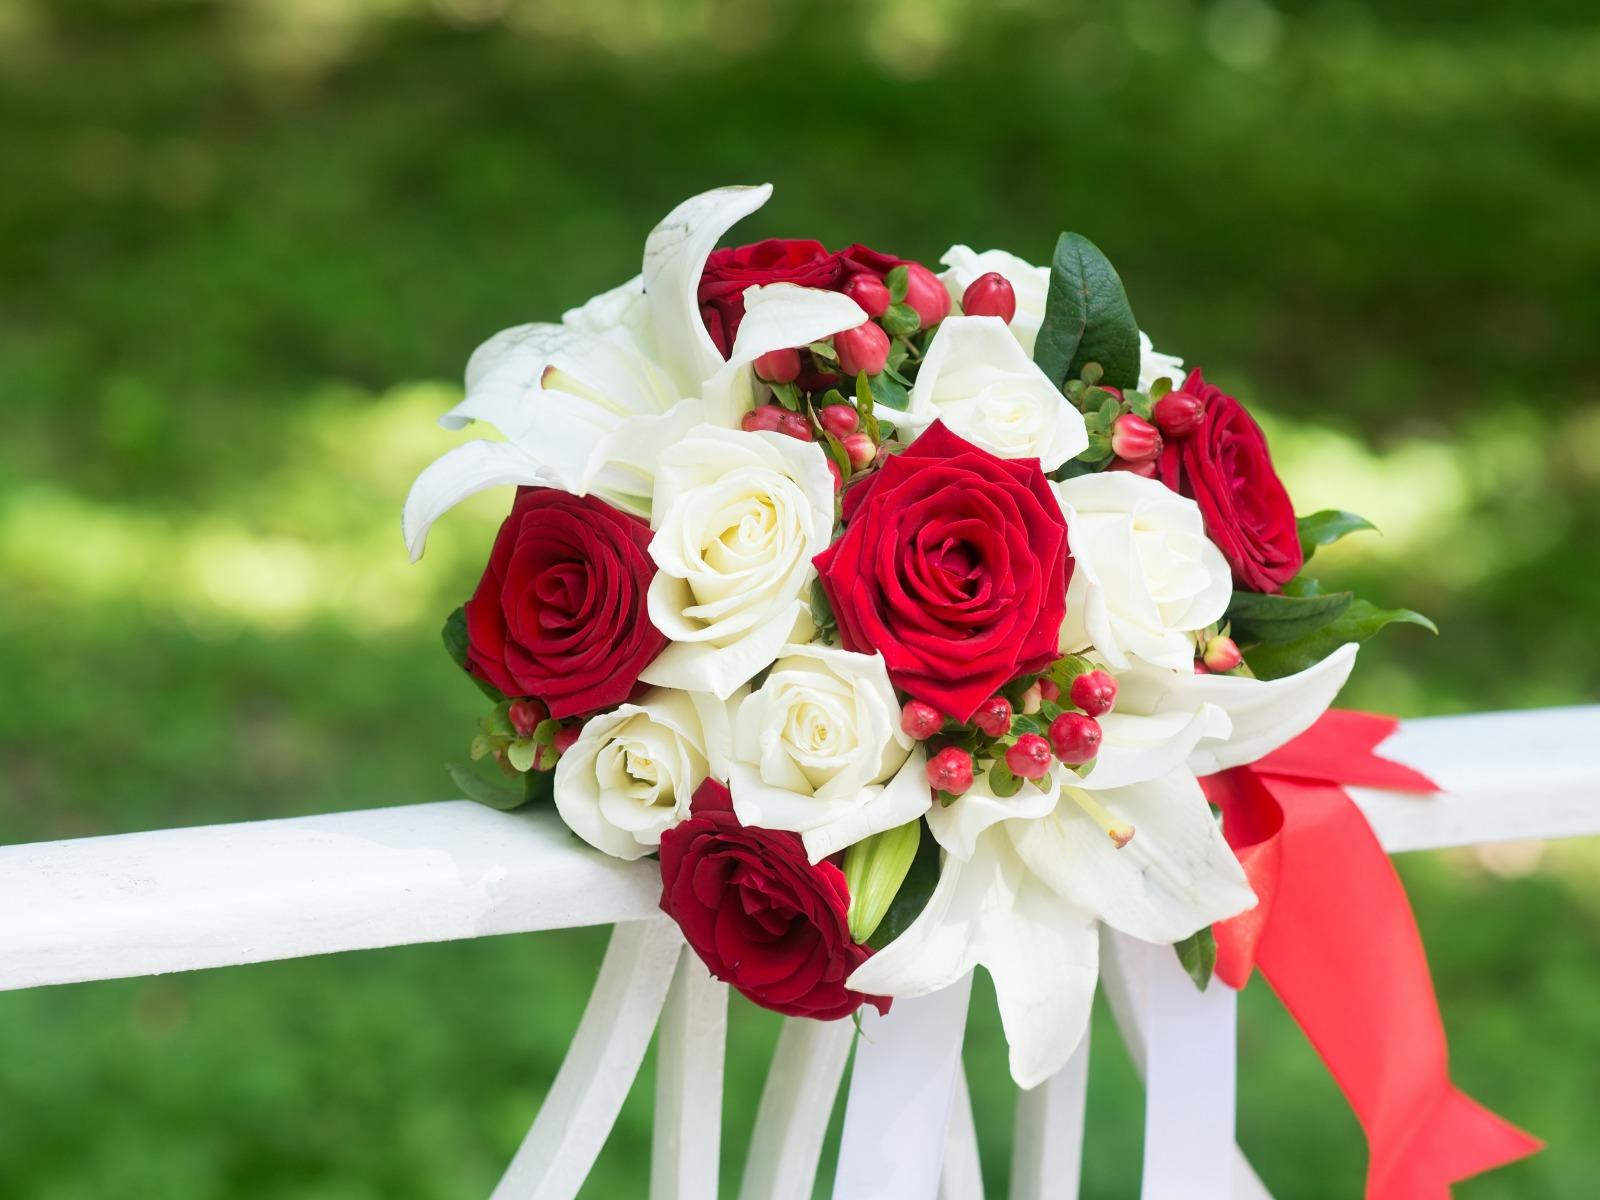 بالصور اجمل بوكيه ورد فى الدنيا , جمال الورد واشكاله والوانه 5947 8